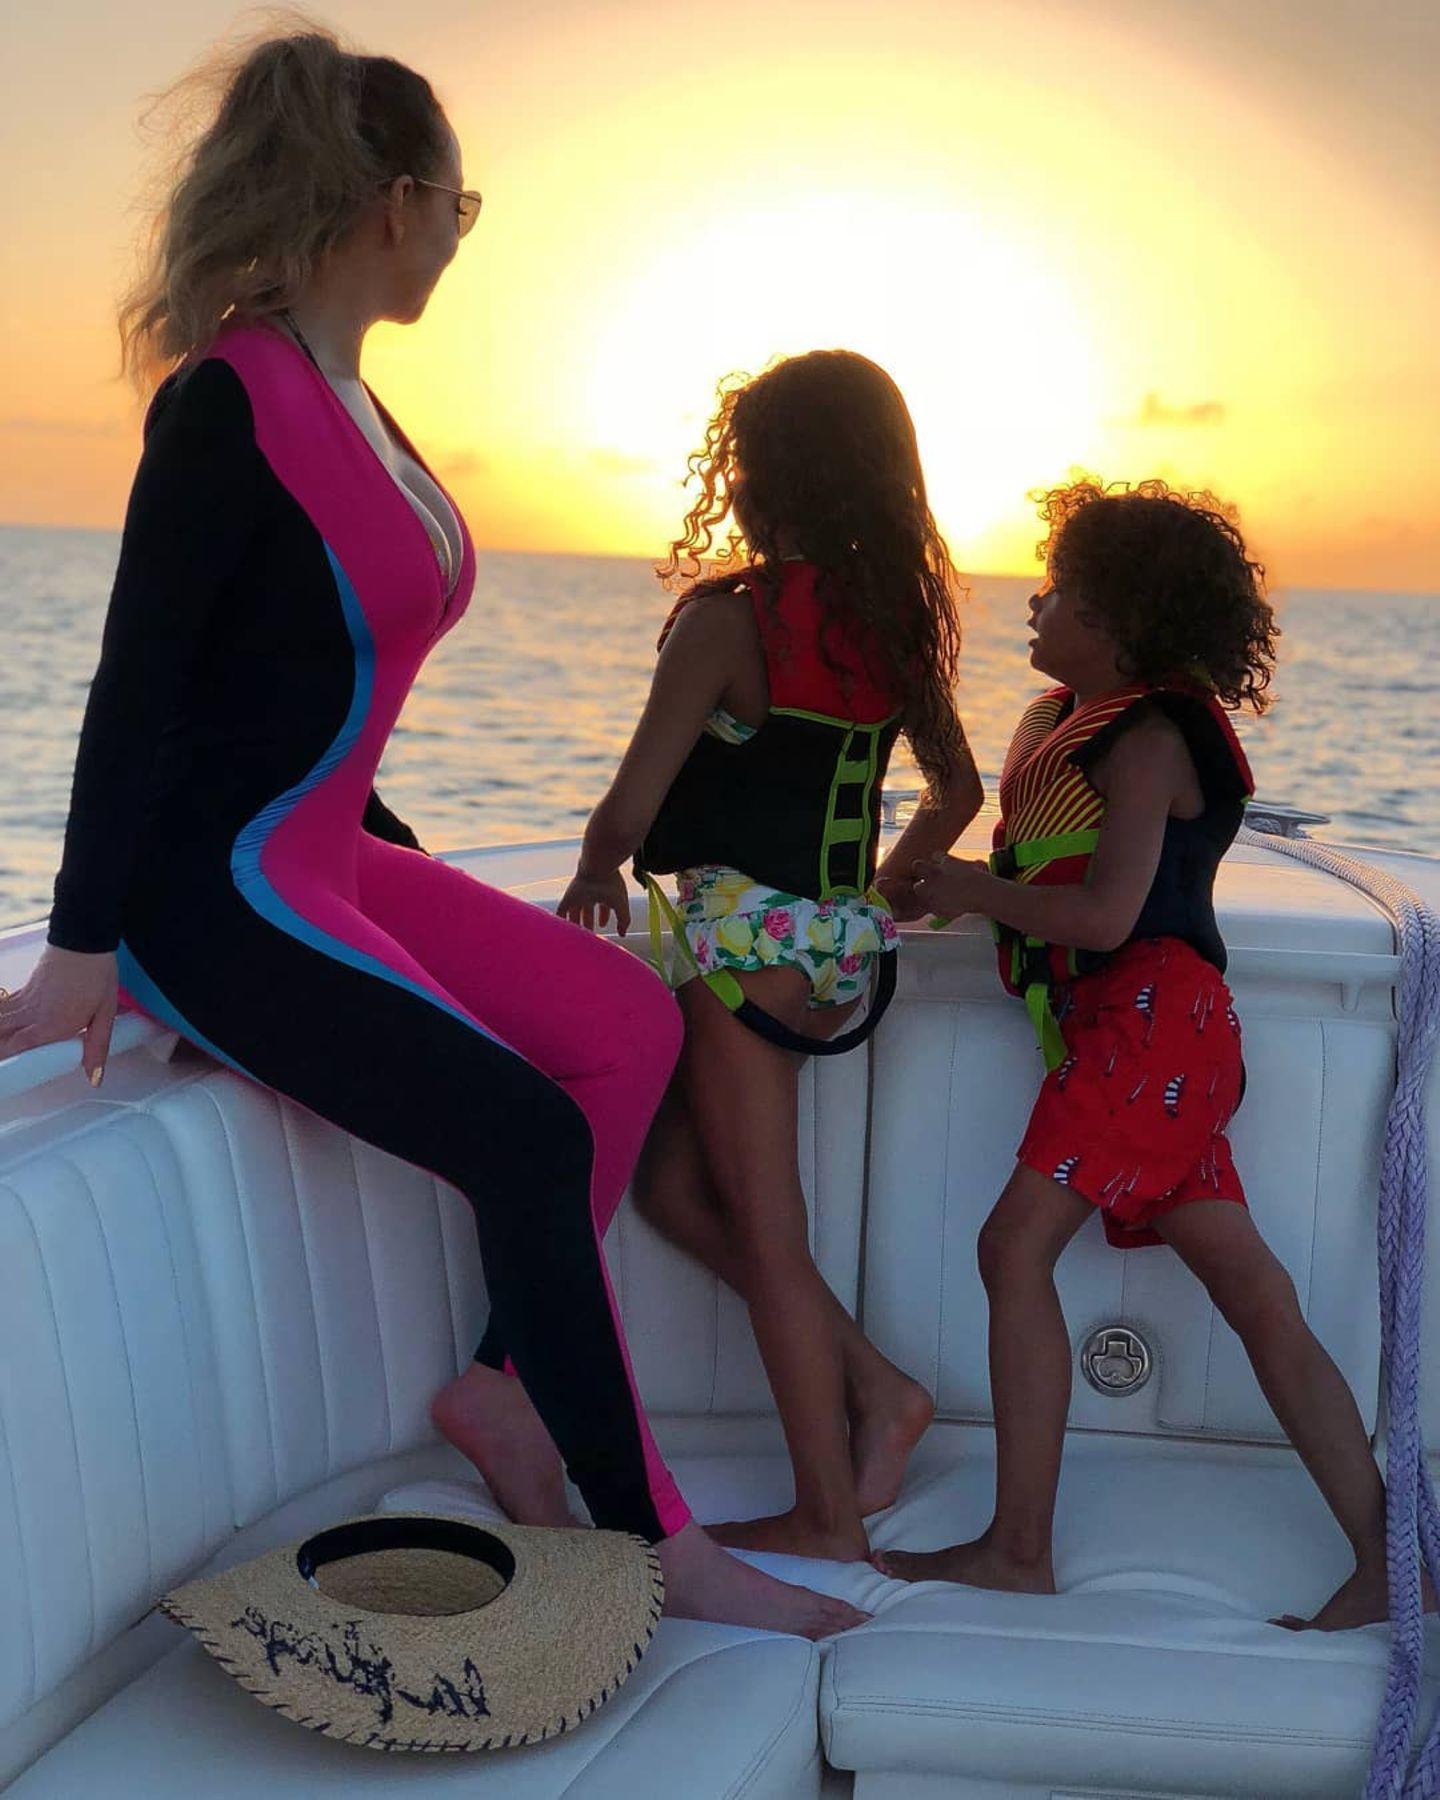 Der Sonne entgegen fahren Mariah Carey und ihre Zwillinge Monroe und Morrocan auf einem Boot.